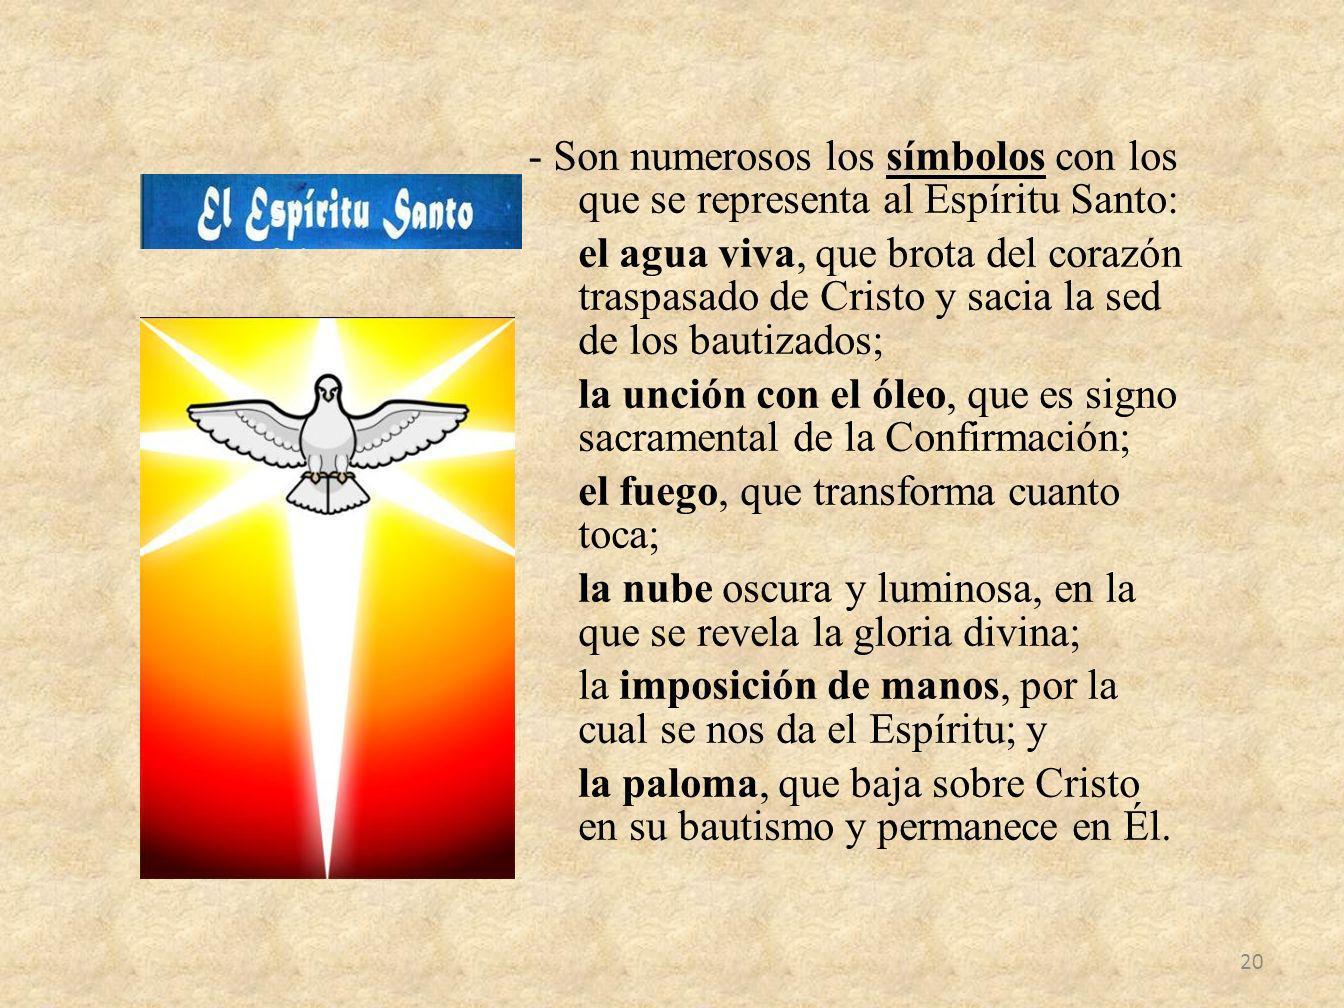 - Son numerosos los símbolos con los que se representa al Espíritu Santo: el agua viva, que brota del corazón traspasado de Cristo y sacia la sed de l